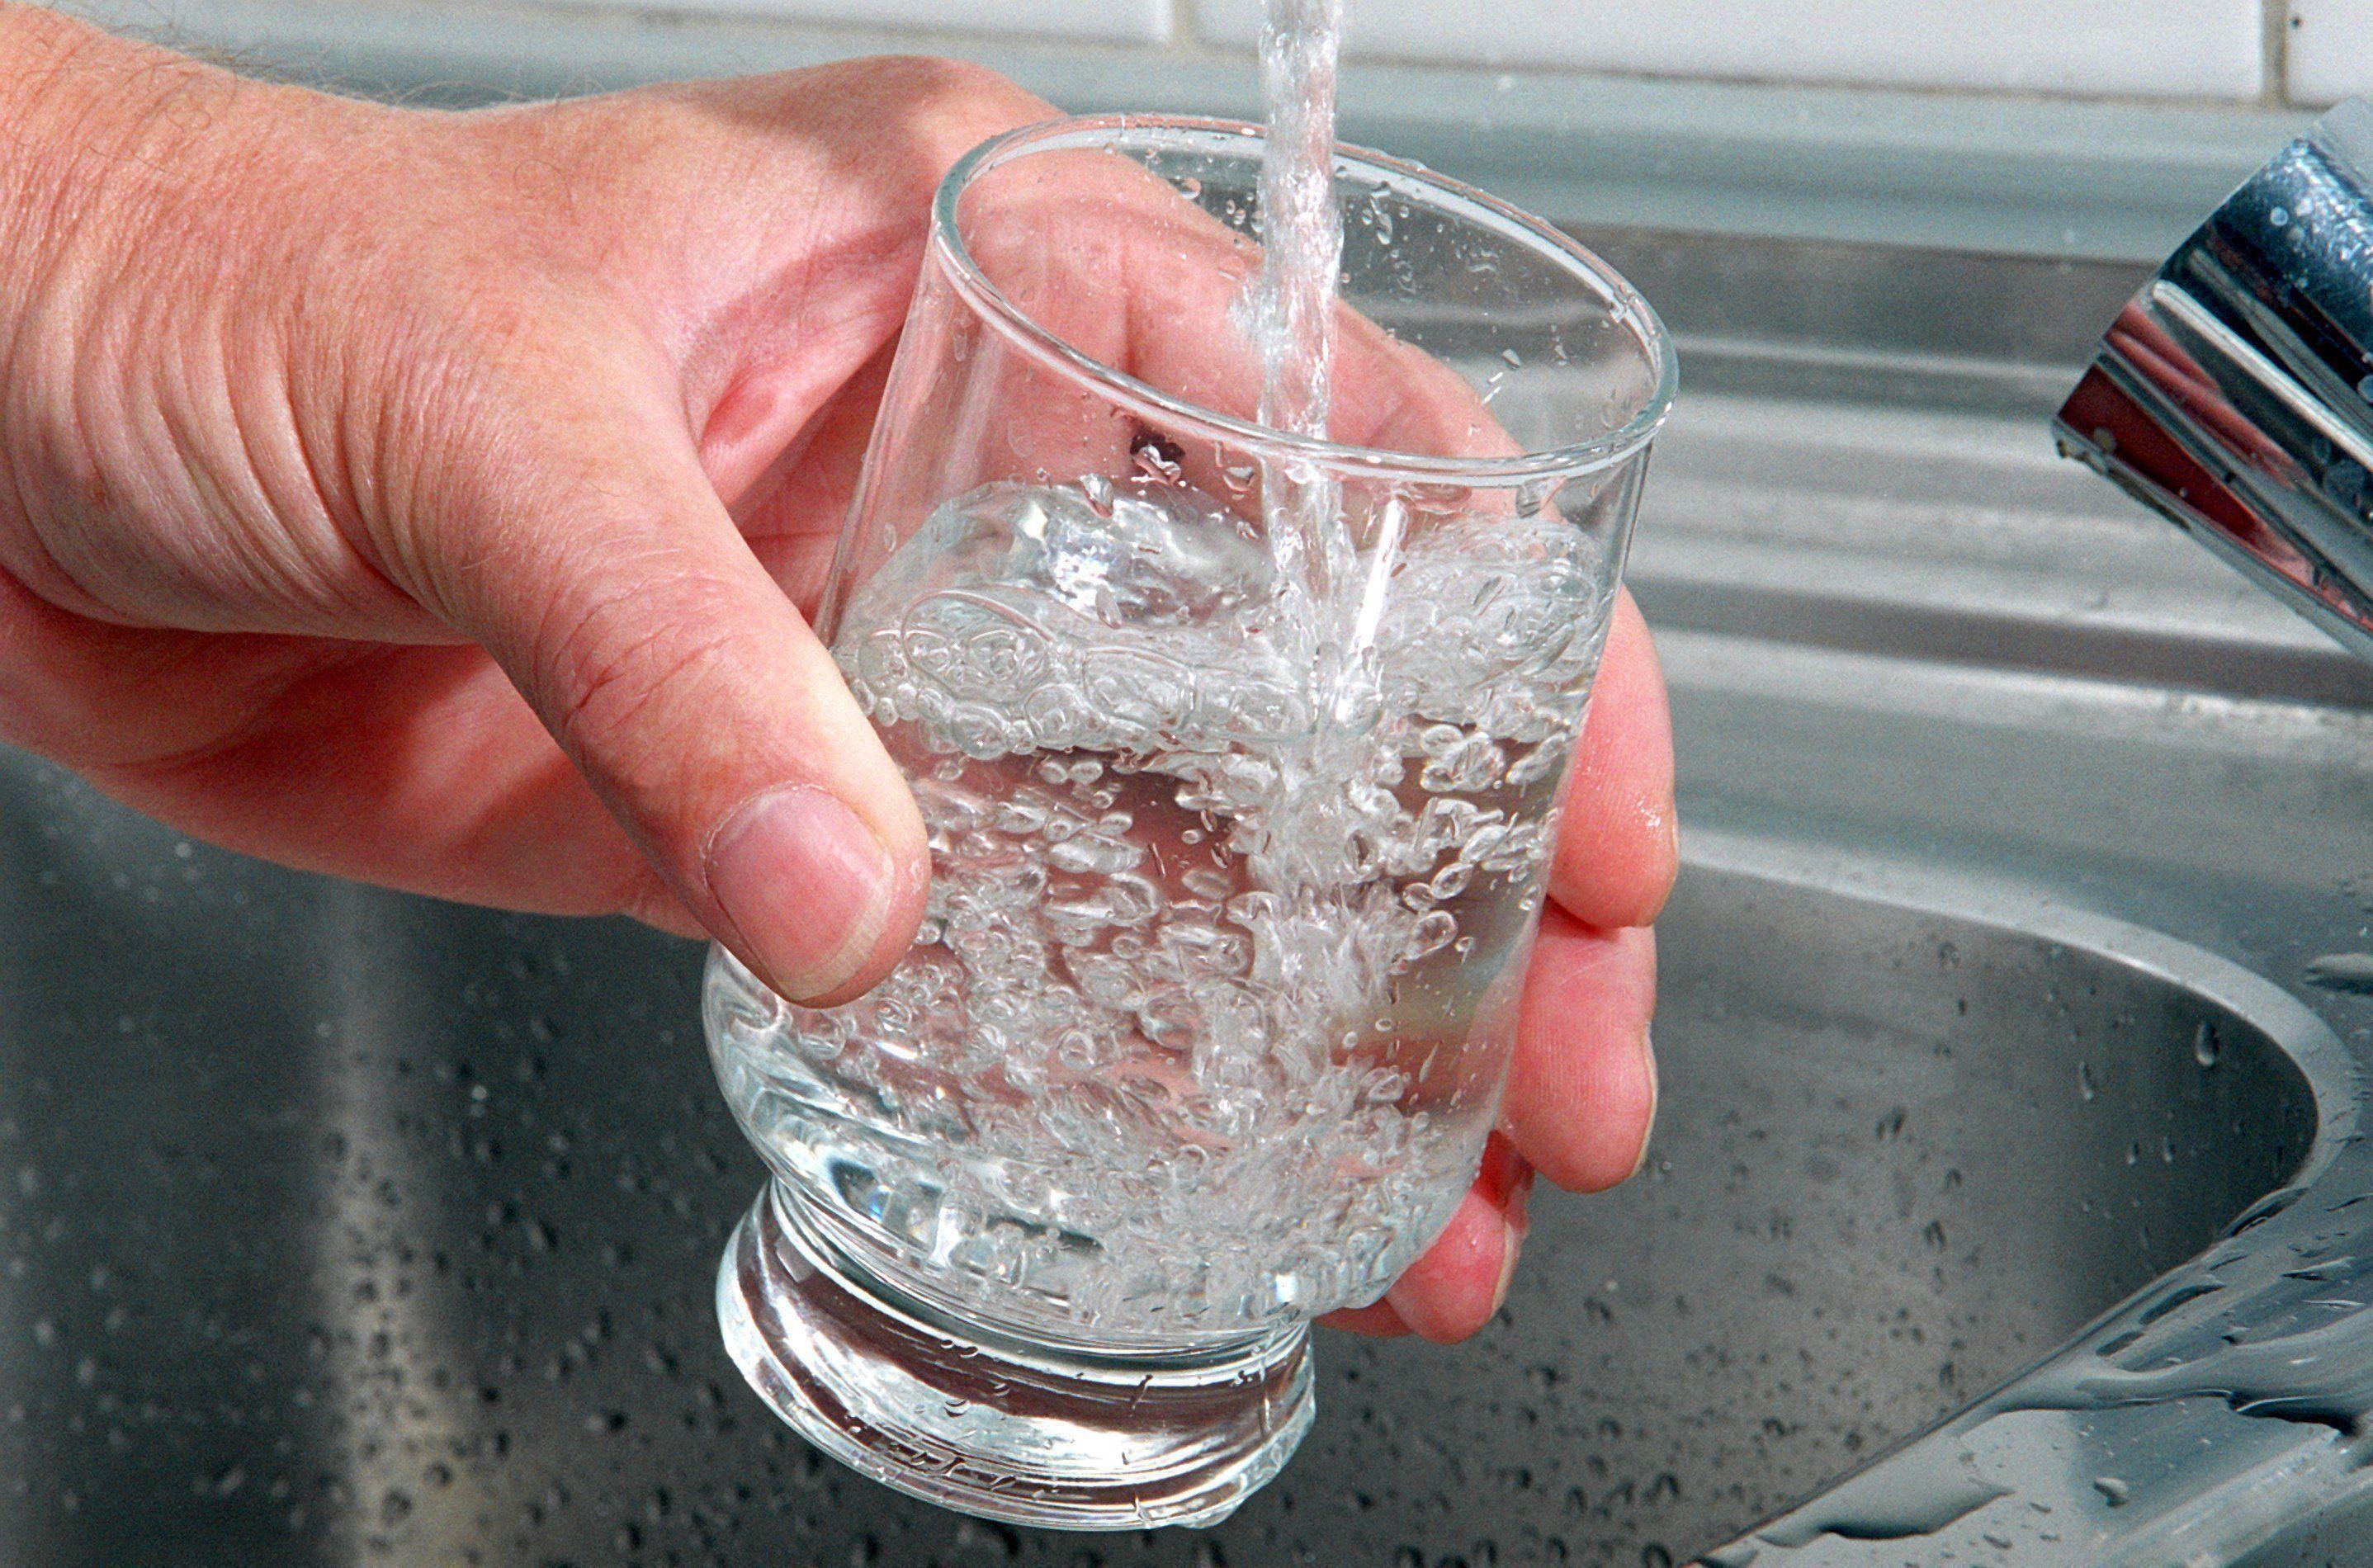 Wassermangel zwingt Vorarlberger Gemeinden zu Sparmaßnahmen